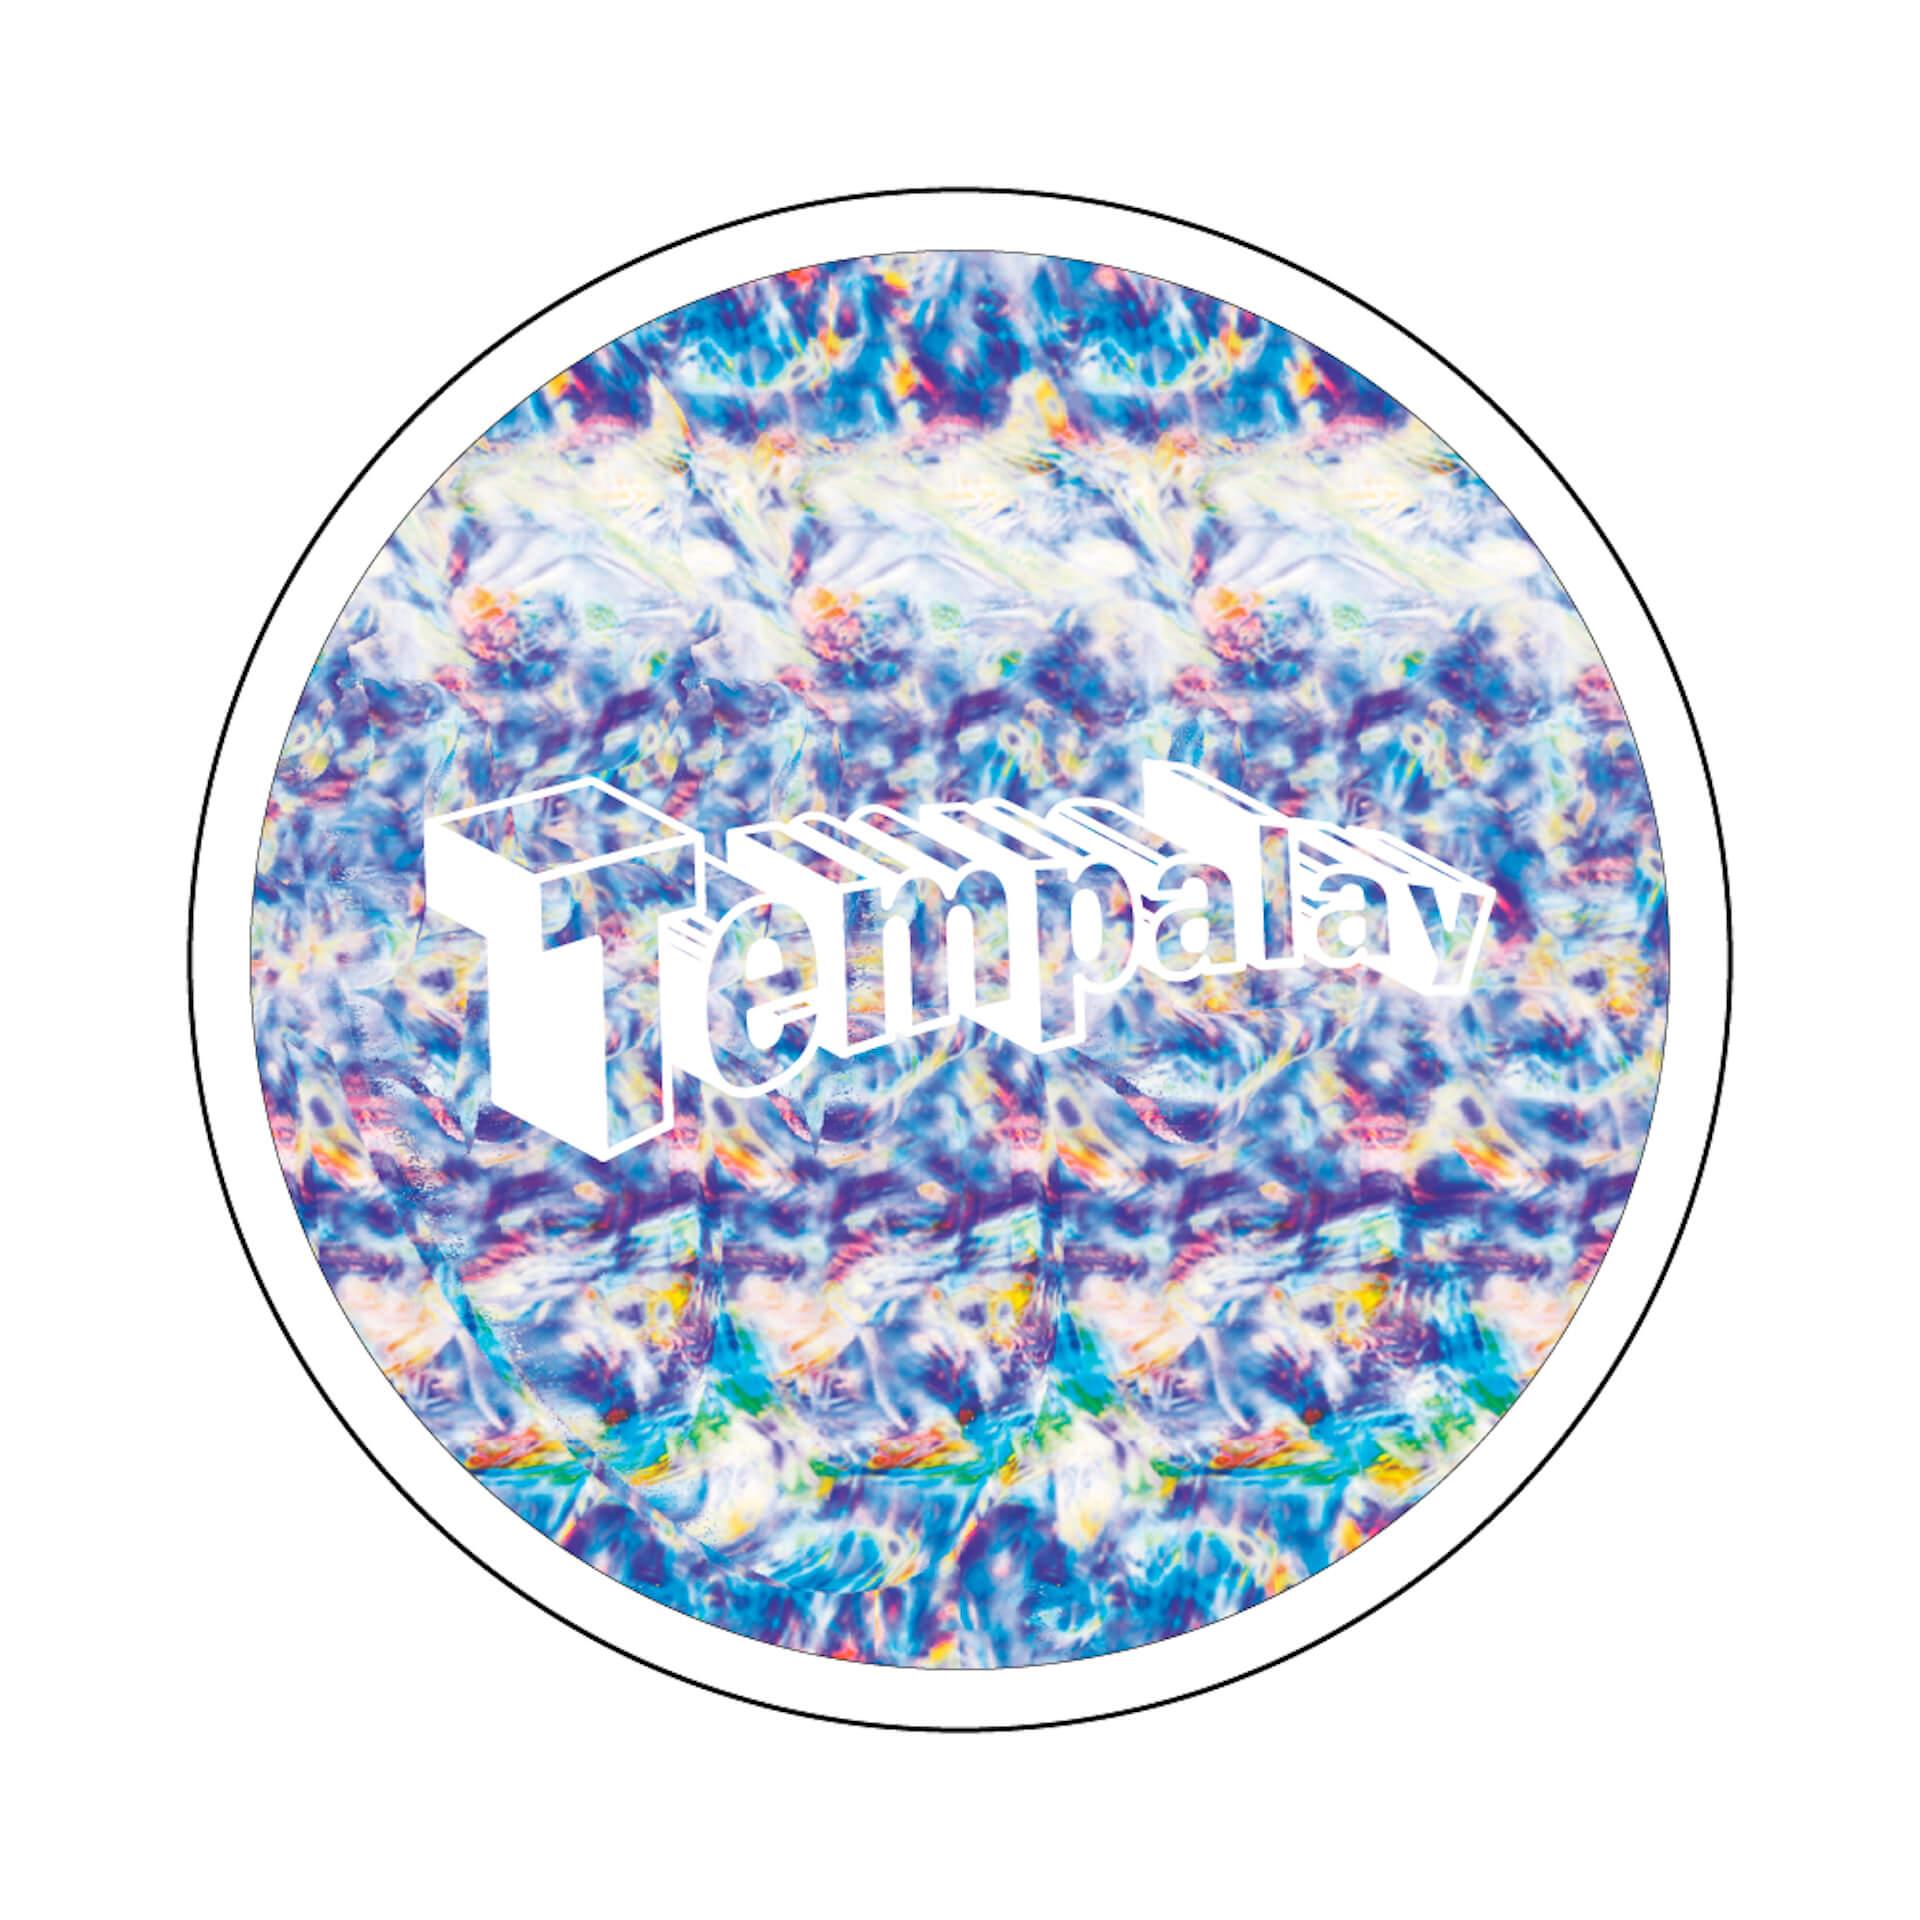 Tempalayがフルアルバム『ゴーストアルバム』のリリース決定!初回限定盤にはライブ映像を収録したDVDが付属&購入者特典の未発表楽曲も music210125_tempalay-04